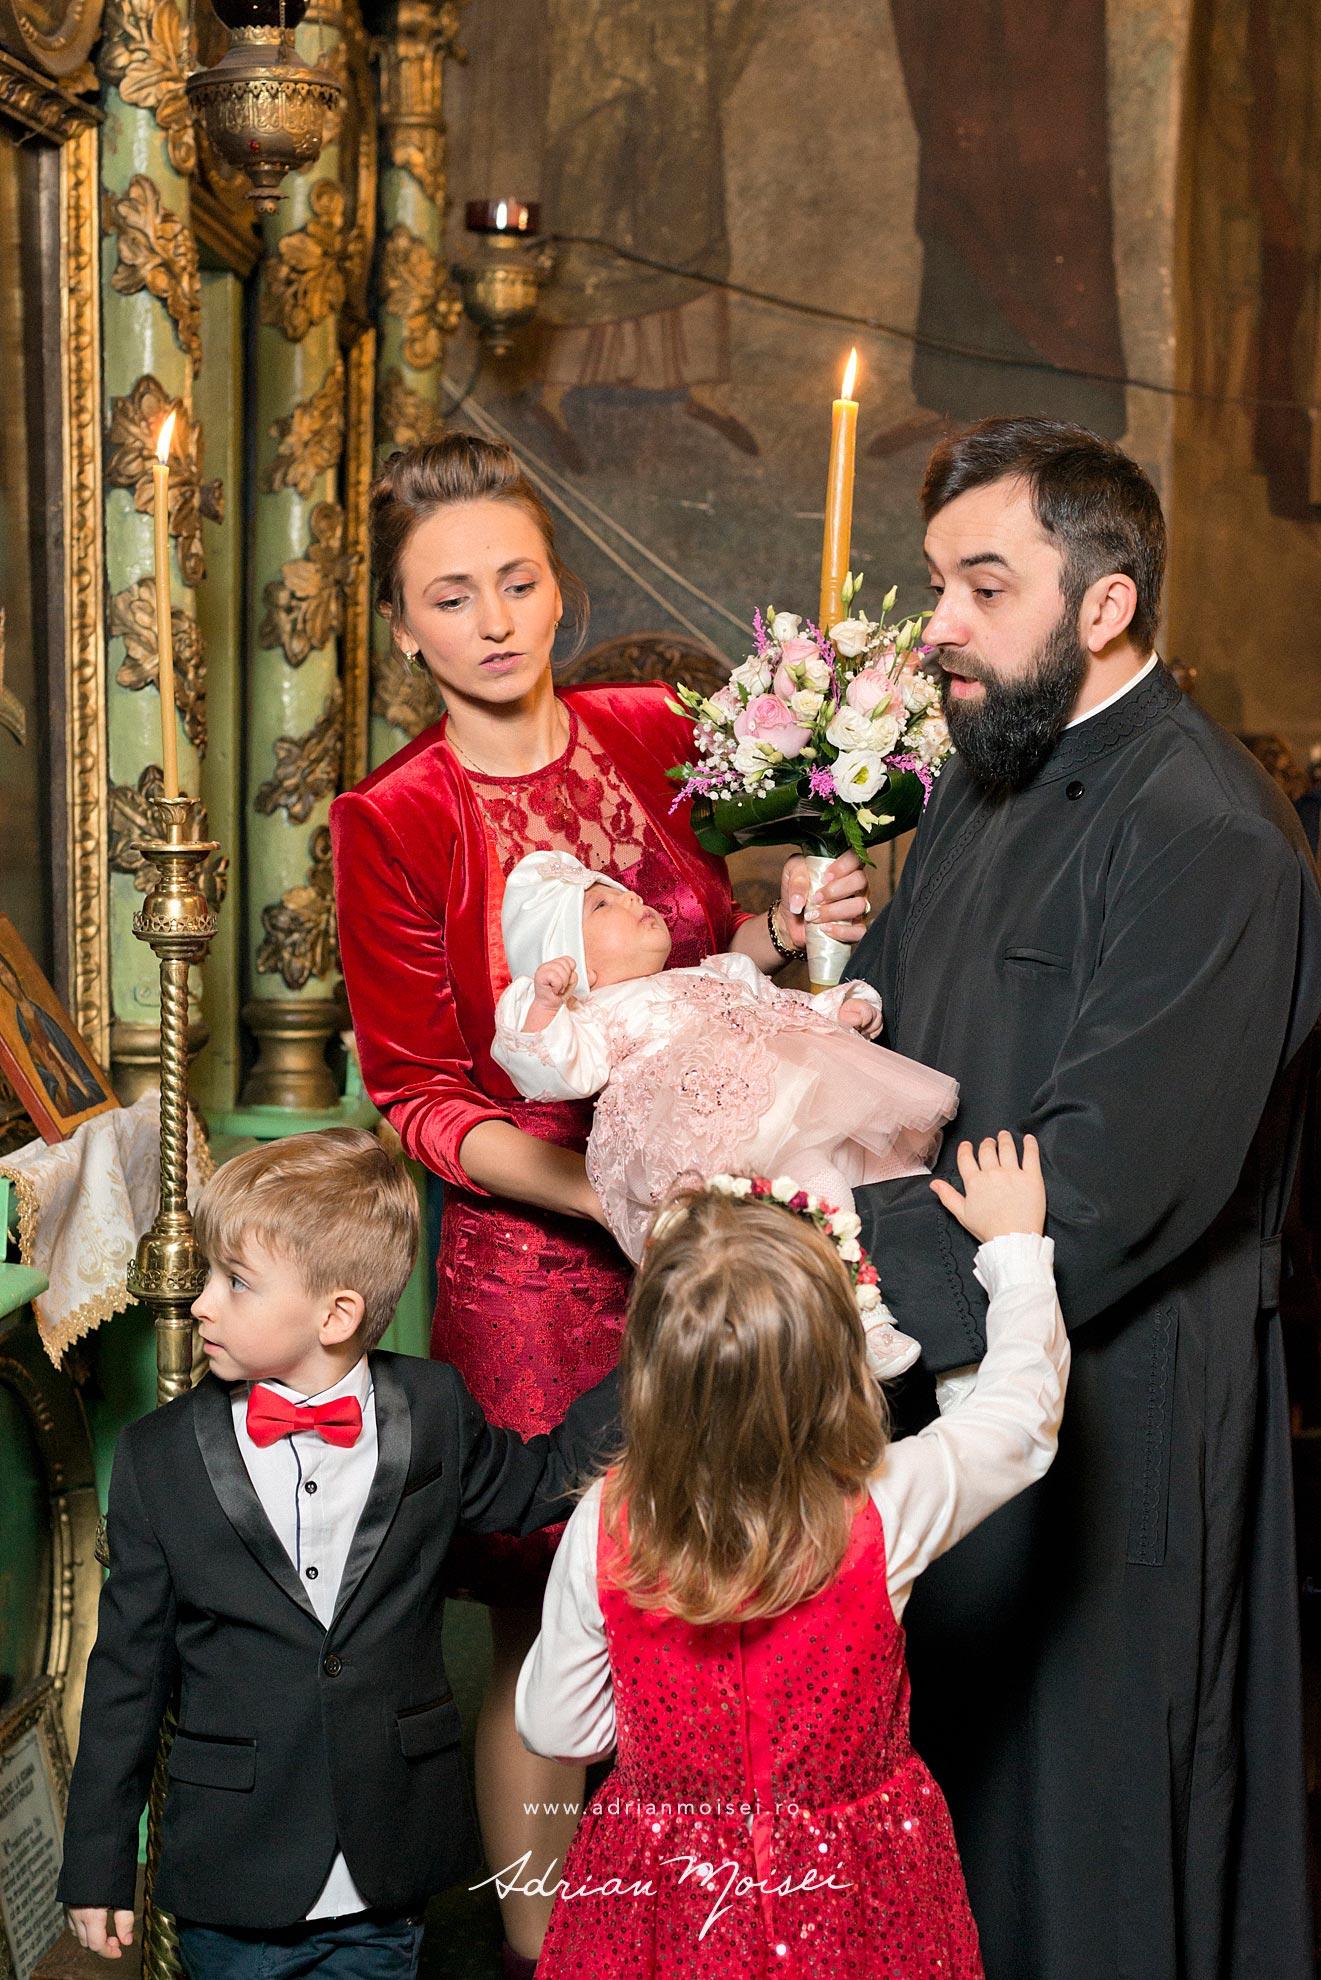 Fotograf de botez in culorile fericirii, in Iași la biserica Sfântul Ioan Zlataust, fotograf de botez Iasi, Adrian Moisei